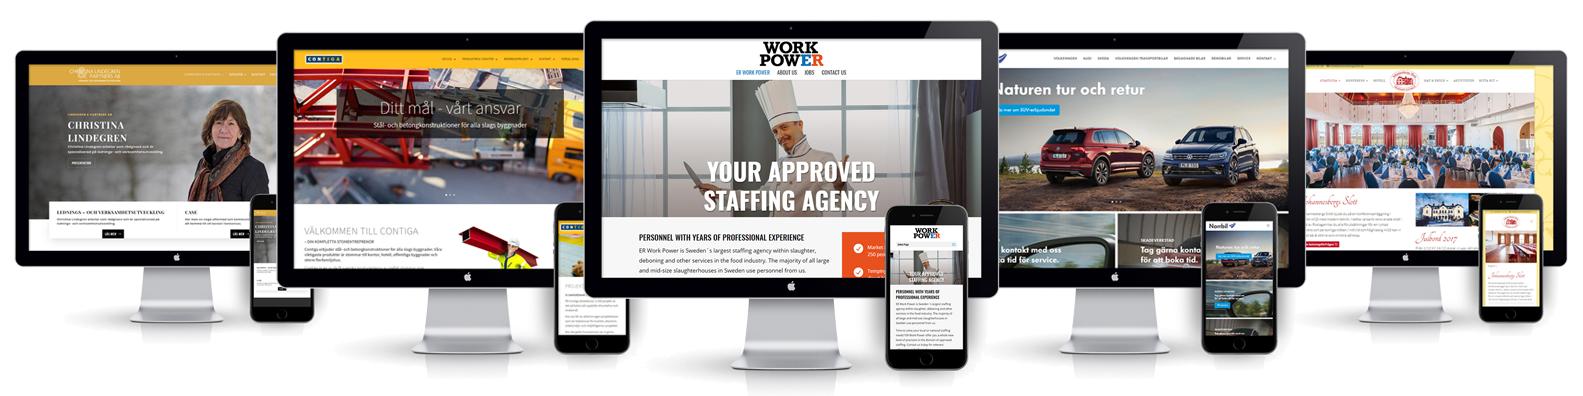 webbyrå webpunkten hjälper er med hemsidor, e-learning och sociala medier